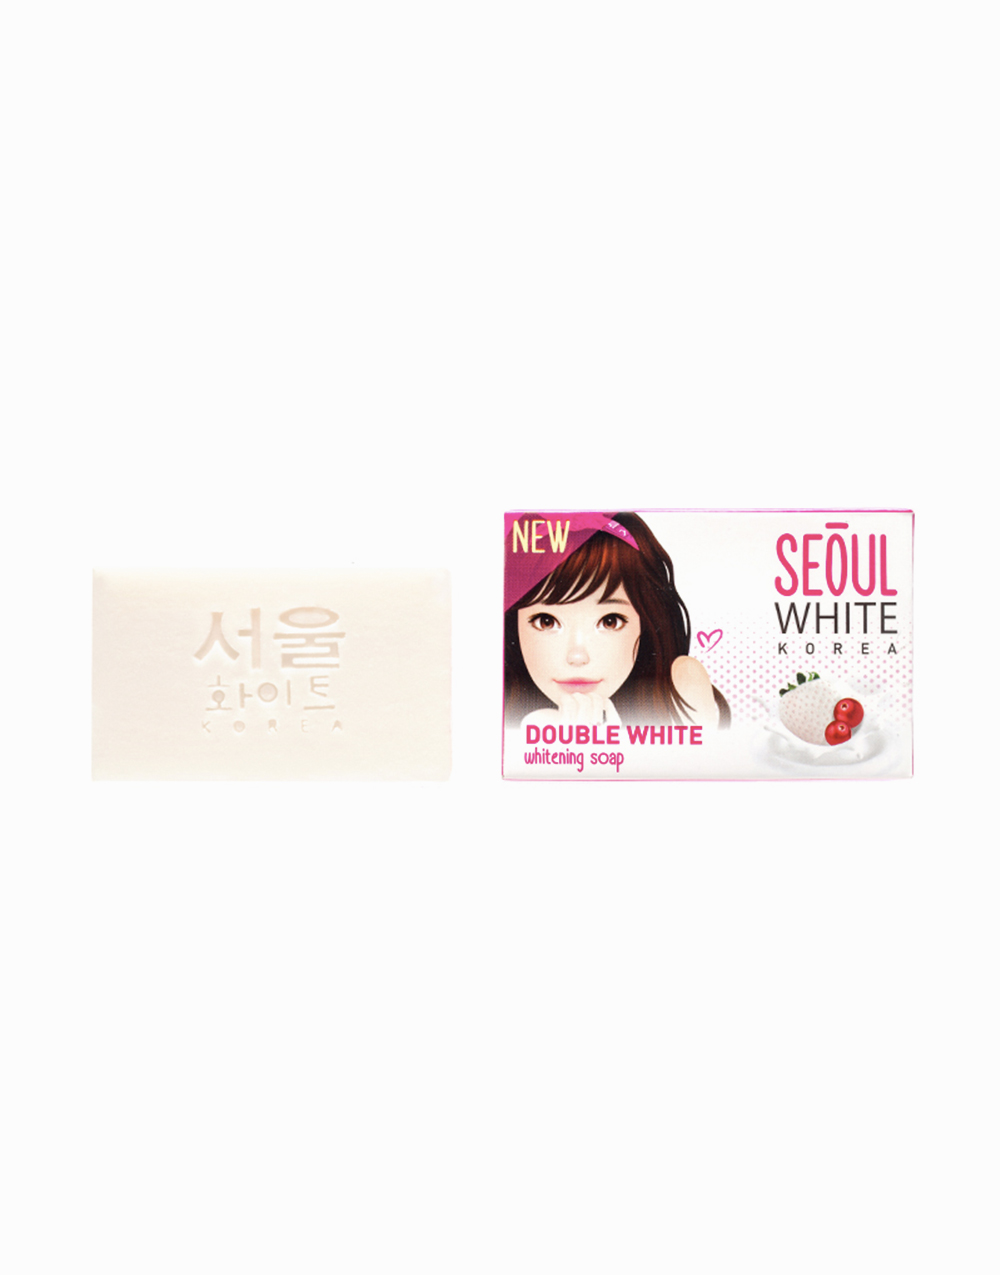 Double White Whitening Soap (60g) Set of 2 by Seoul White Korea